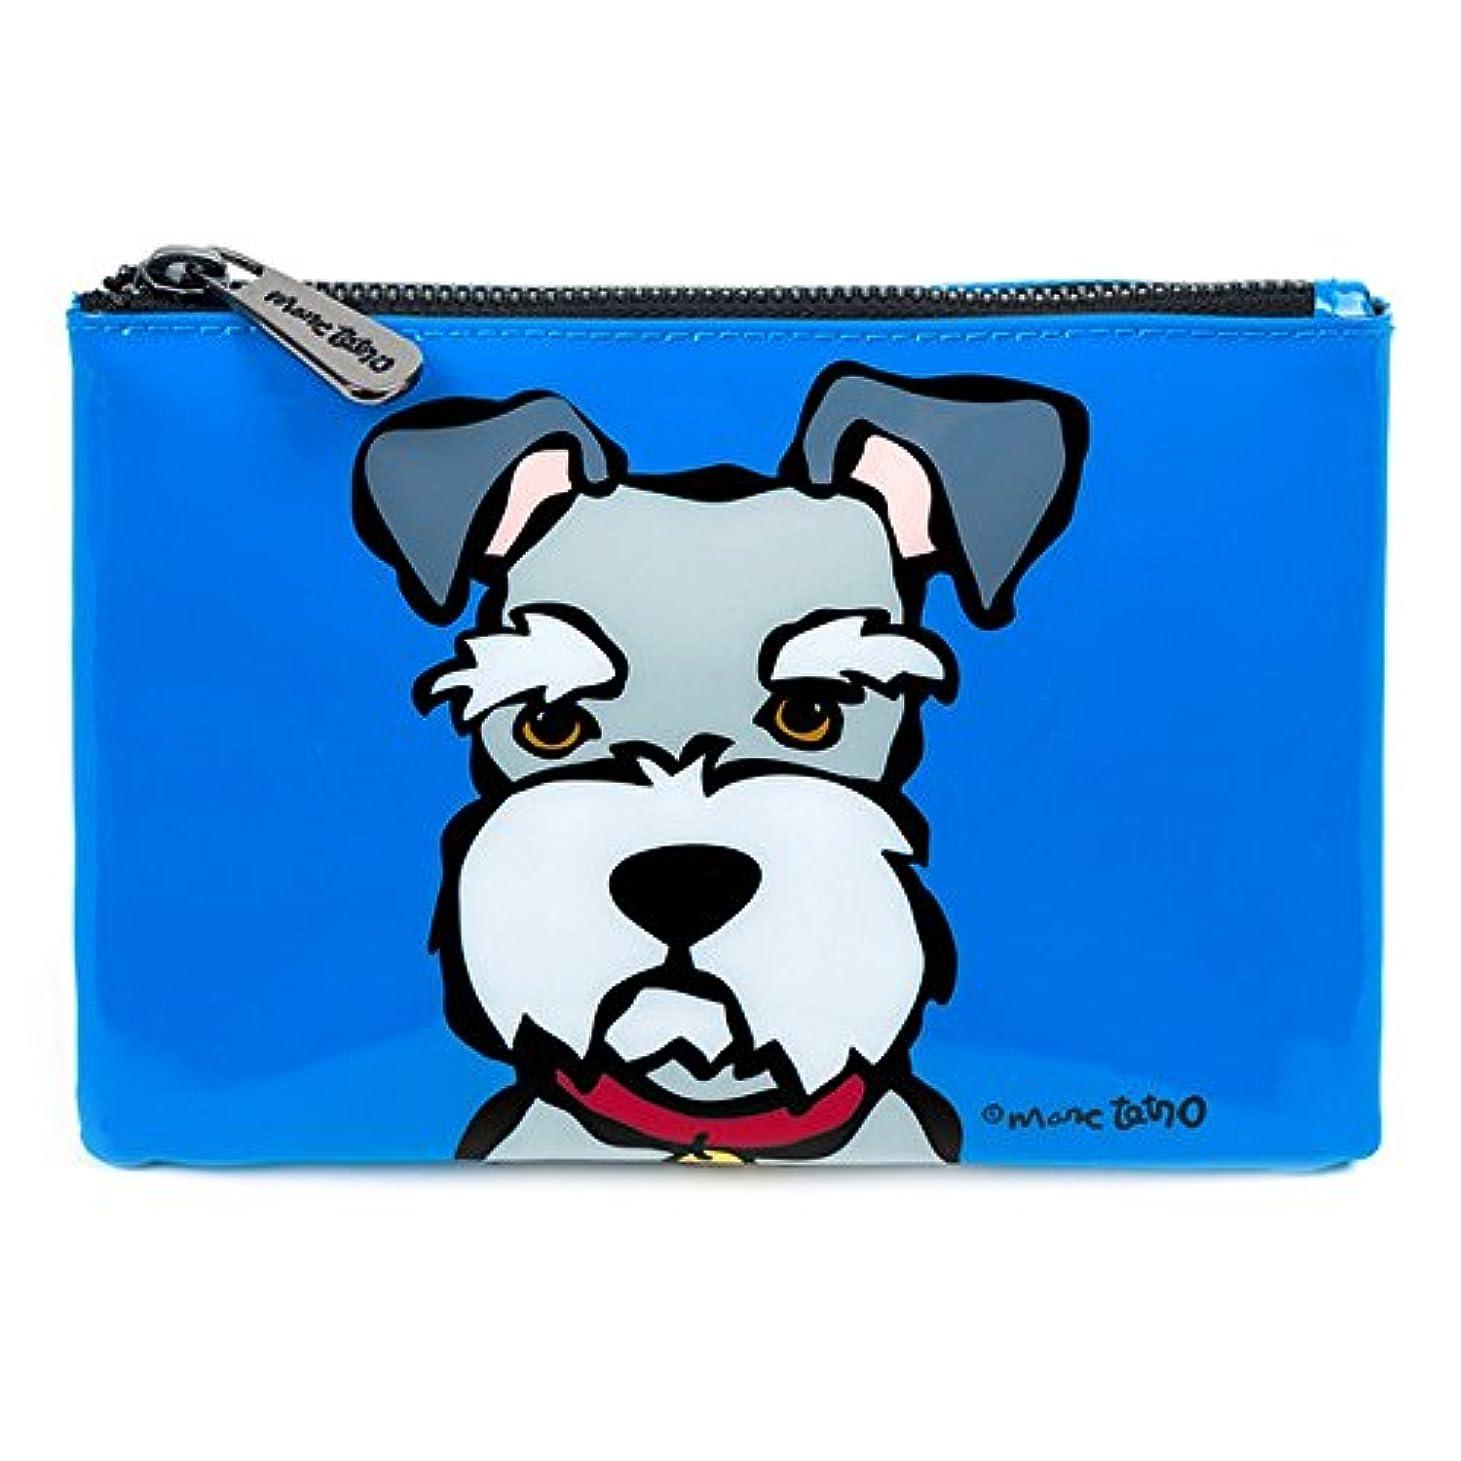 野心最初百年シュナウザー コスメバッグ 防水PVC ファスナー式 化粧ポーチ 小物入れ 13.5cm x 19cm 犬デザイン ミニバッグ Cosmetic Bag